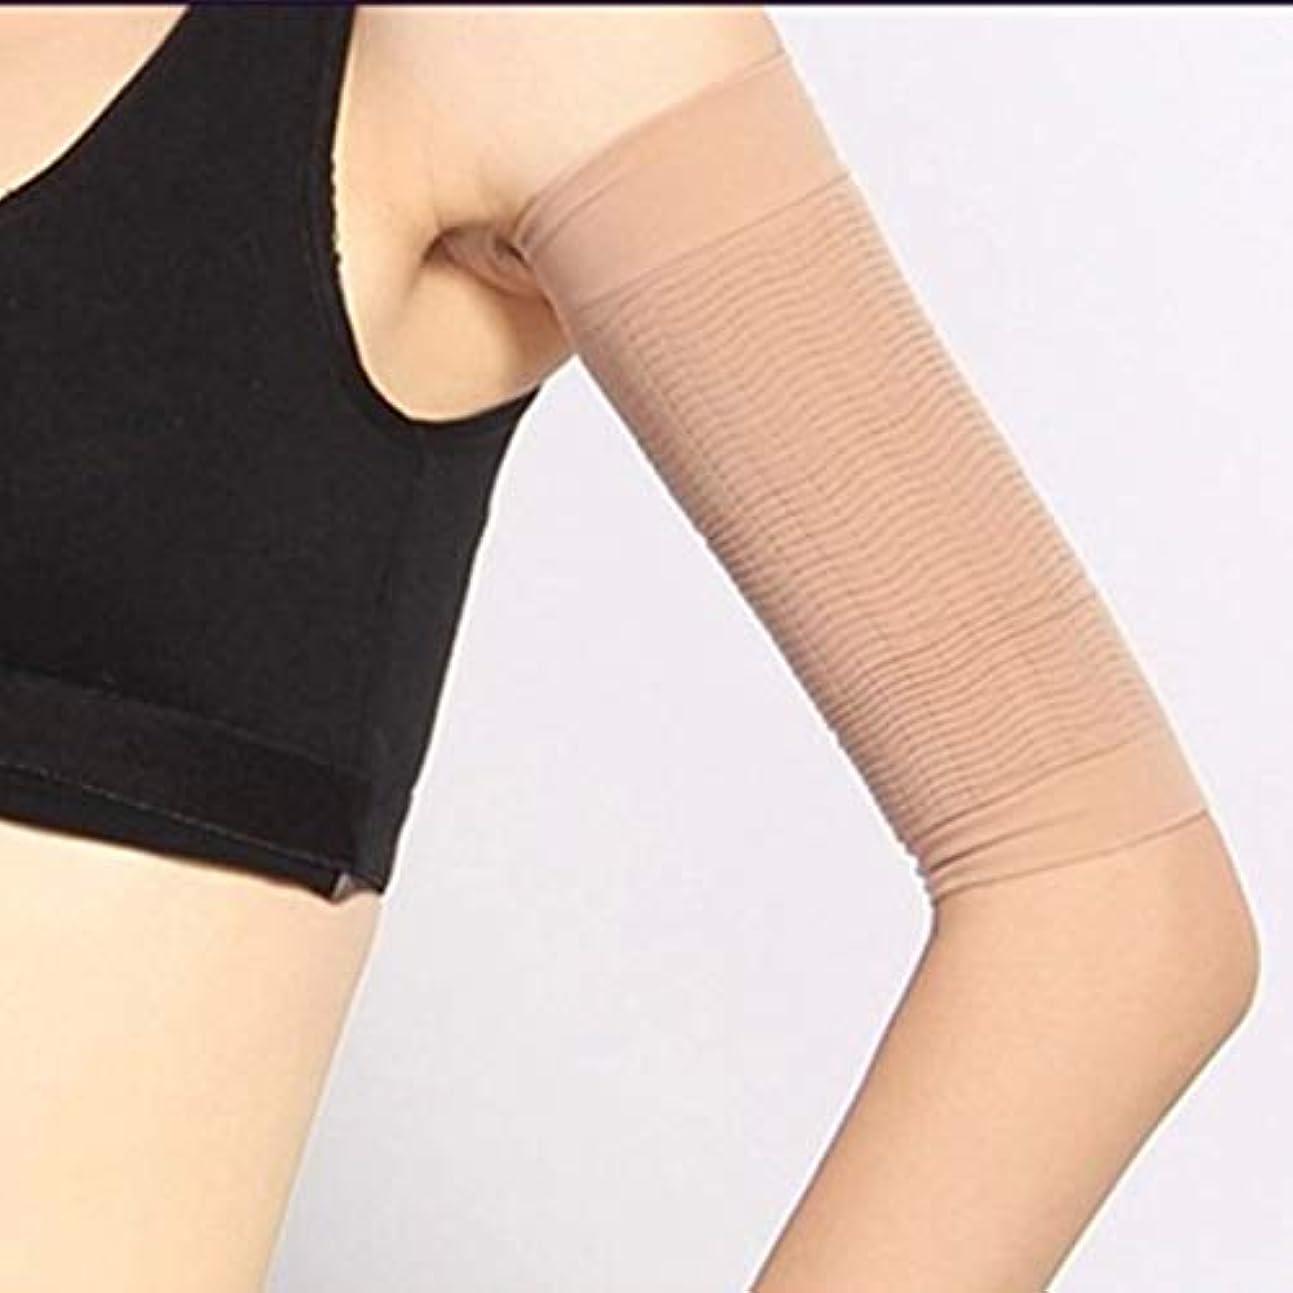 最愛の保持マウント1ペア420 D圧縮痩身アームスリーブワークアウトトーニングバーンセルライトシェイパー脂肪燃焼袖用女性 - 肌色